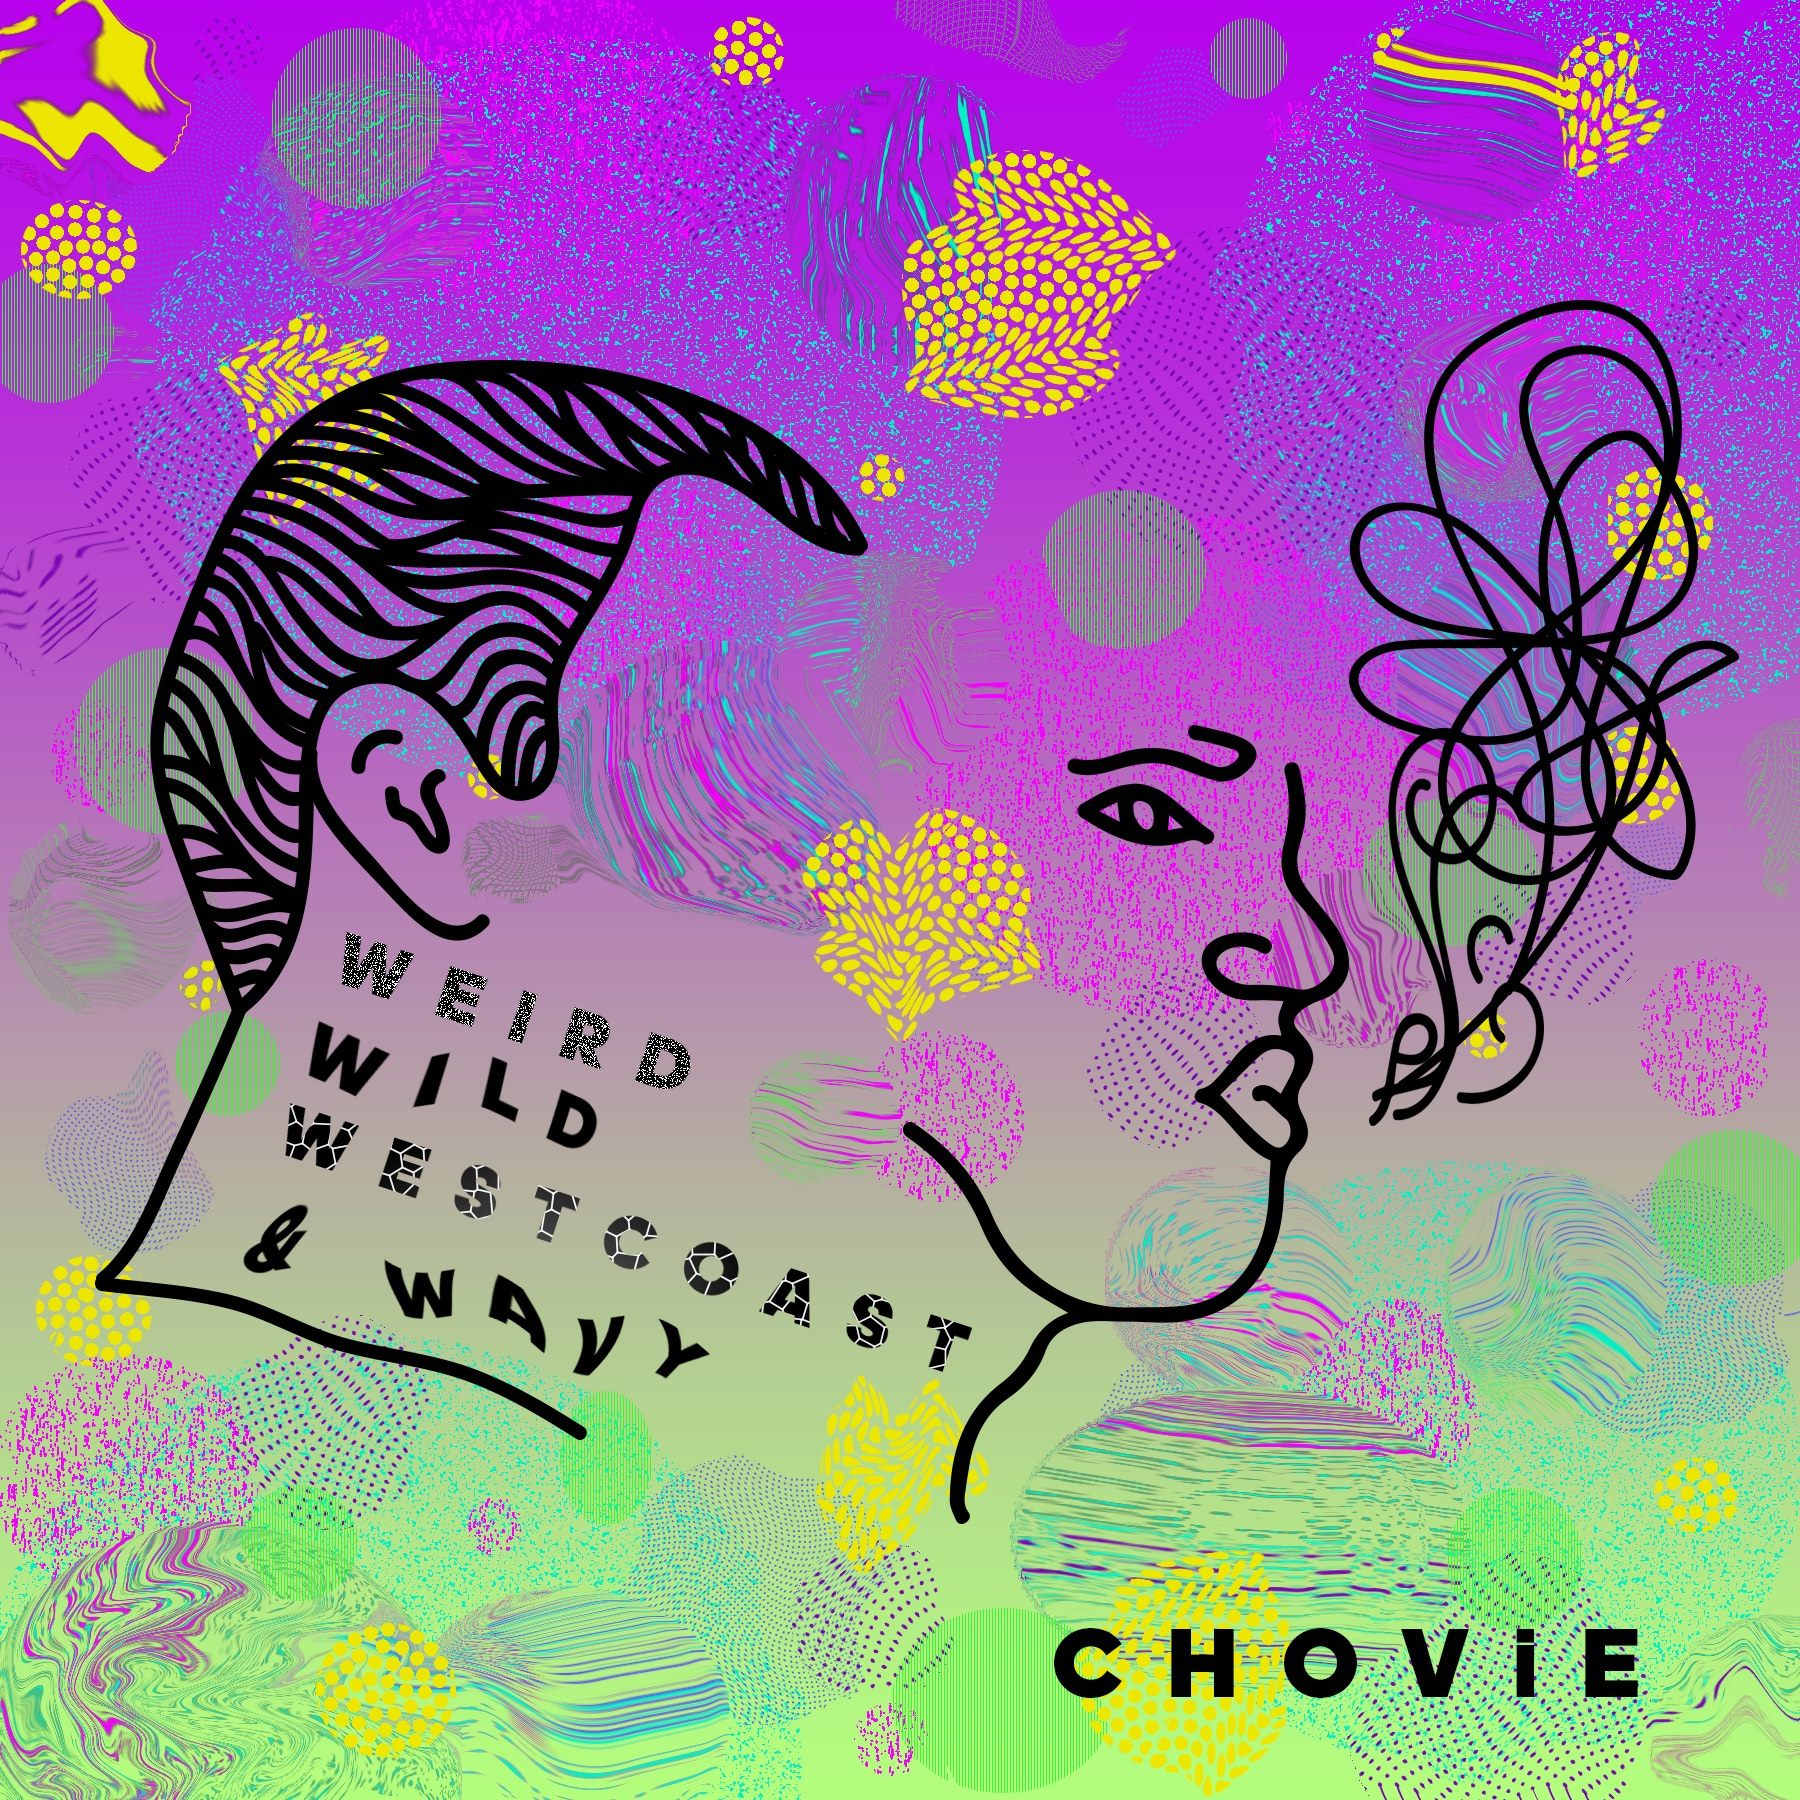 CHOViE - WEIRD, WILD, WESTCOAST, & WAVY (2017)